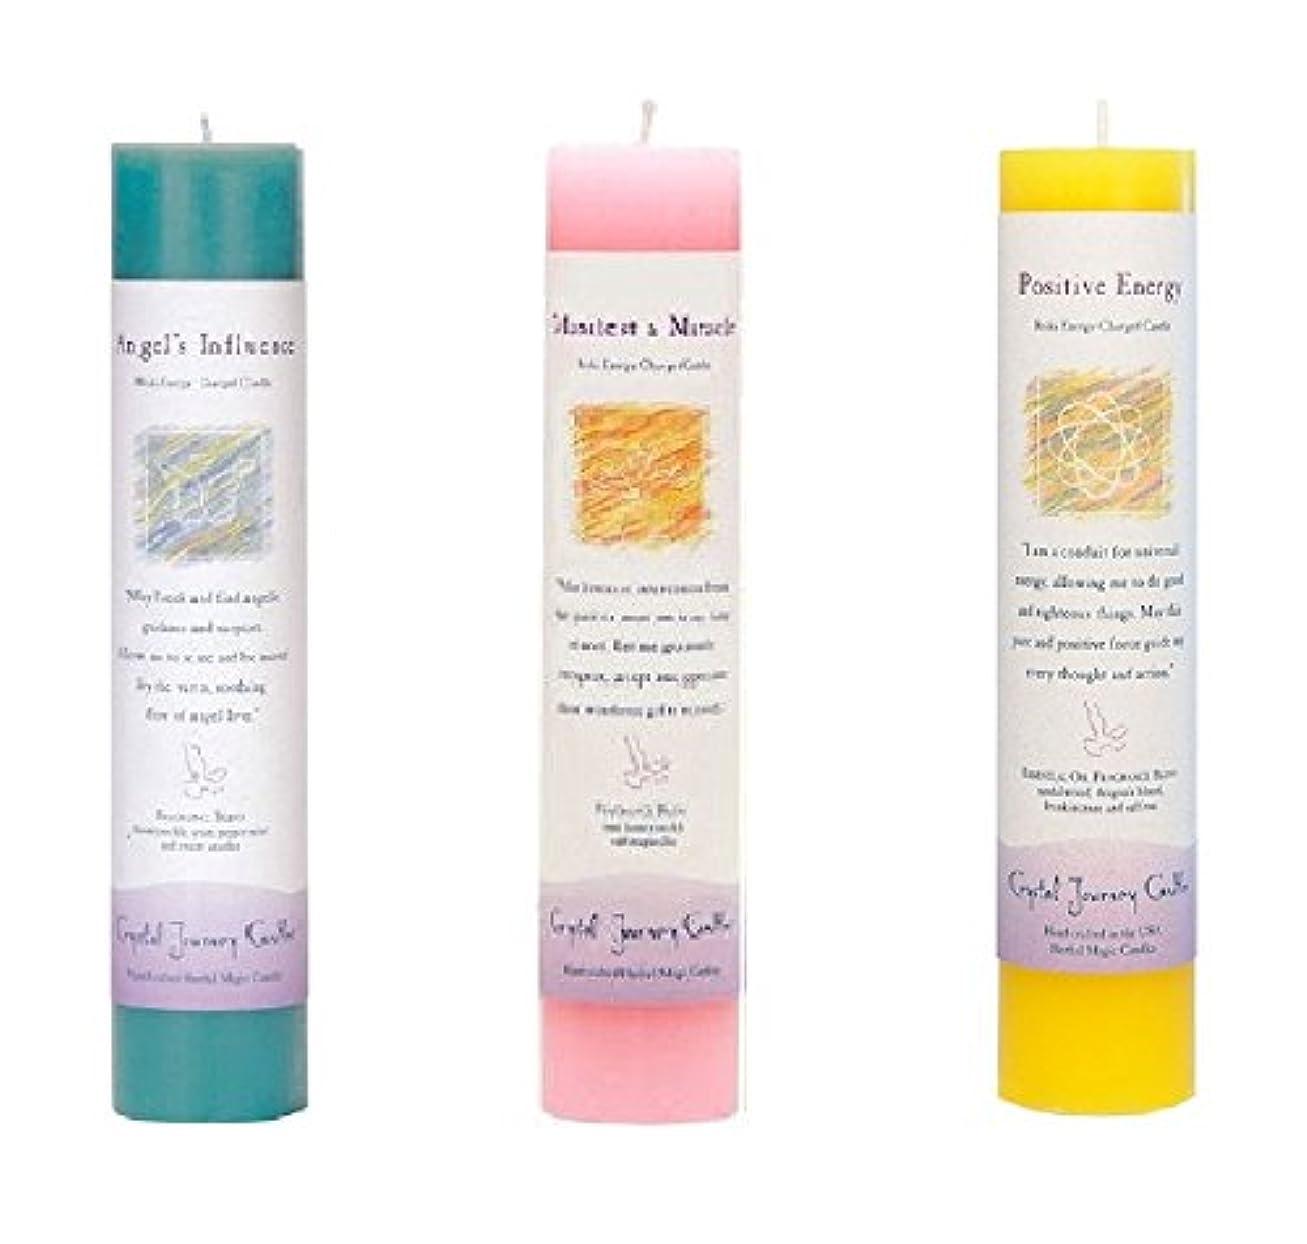 羊の服を着た狼お嬢曇った(Angel's Influence, Manifest a Miracle, Positive Energy) - Crystal Journey Reiki Charged Herbal Magic Pillar Candle...